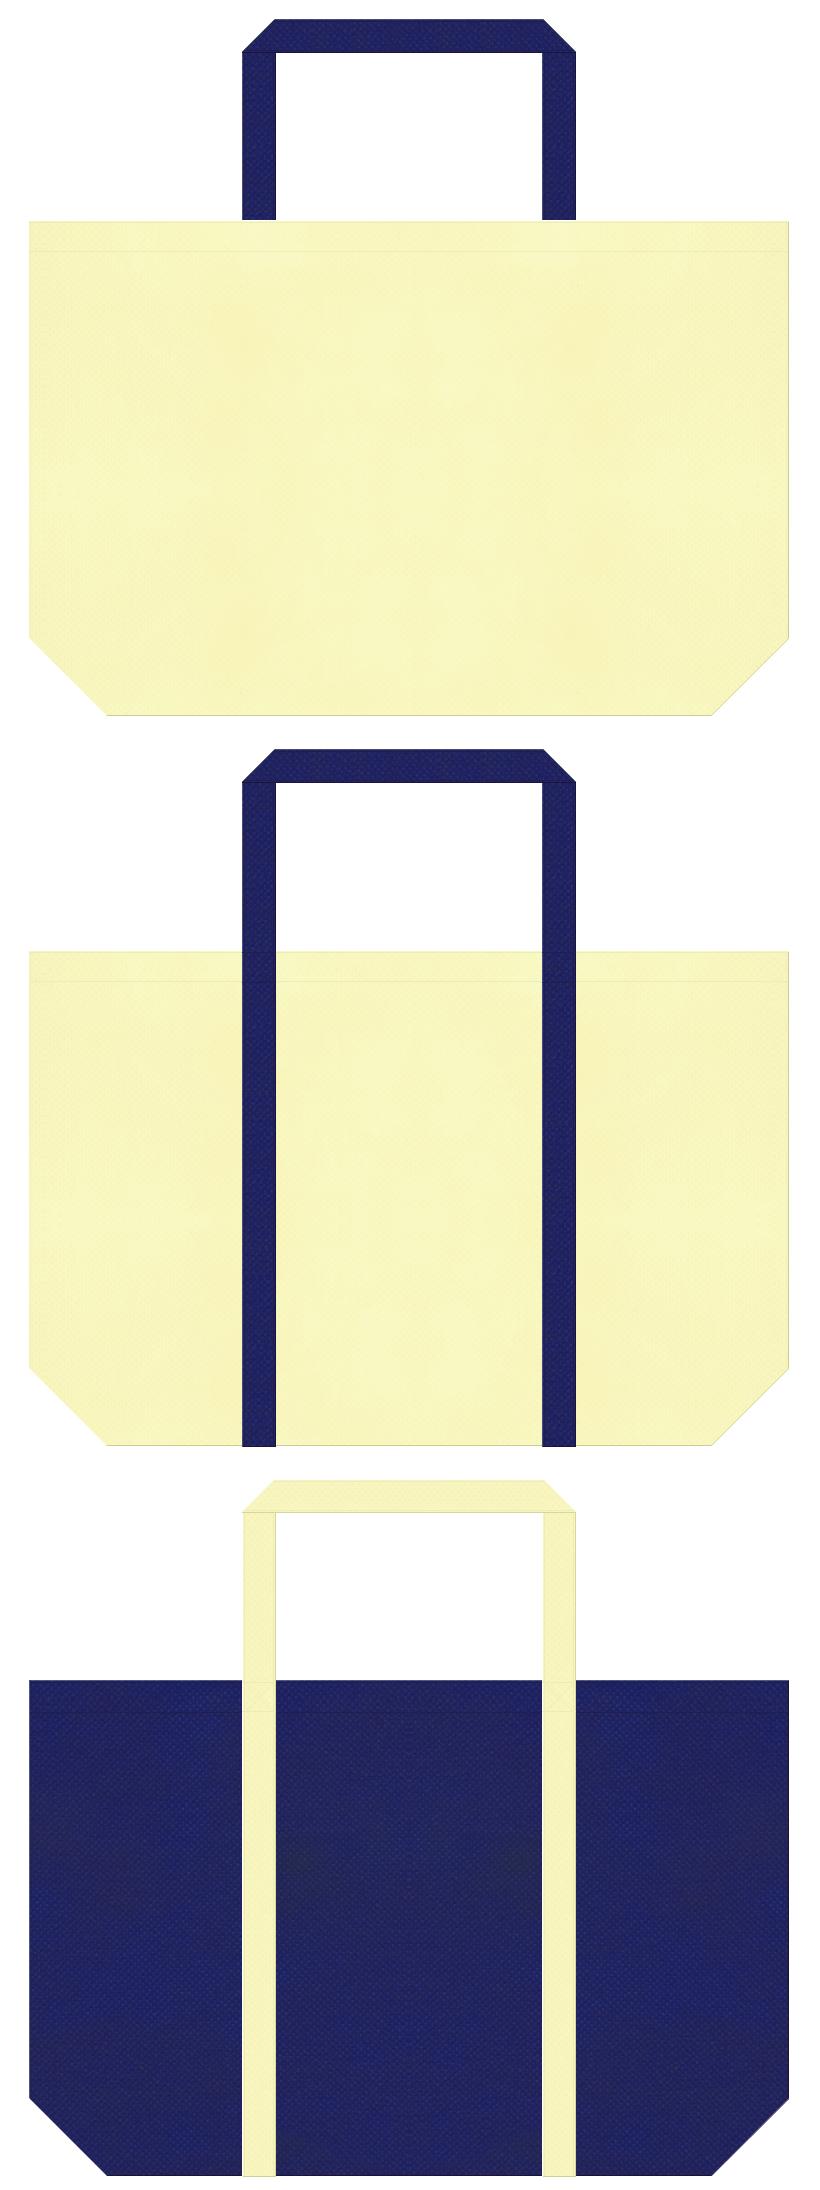 薄黄色と明るい紺色の不織布マイバッグデザイン。ランドリーバッグ・オープンキャンパスにお奨めです。